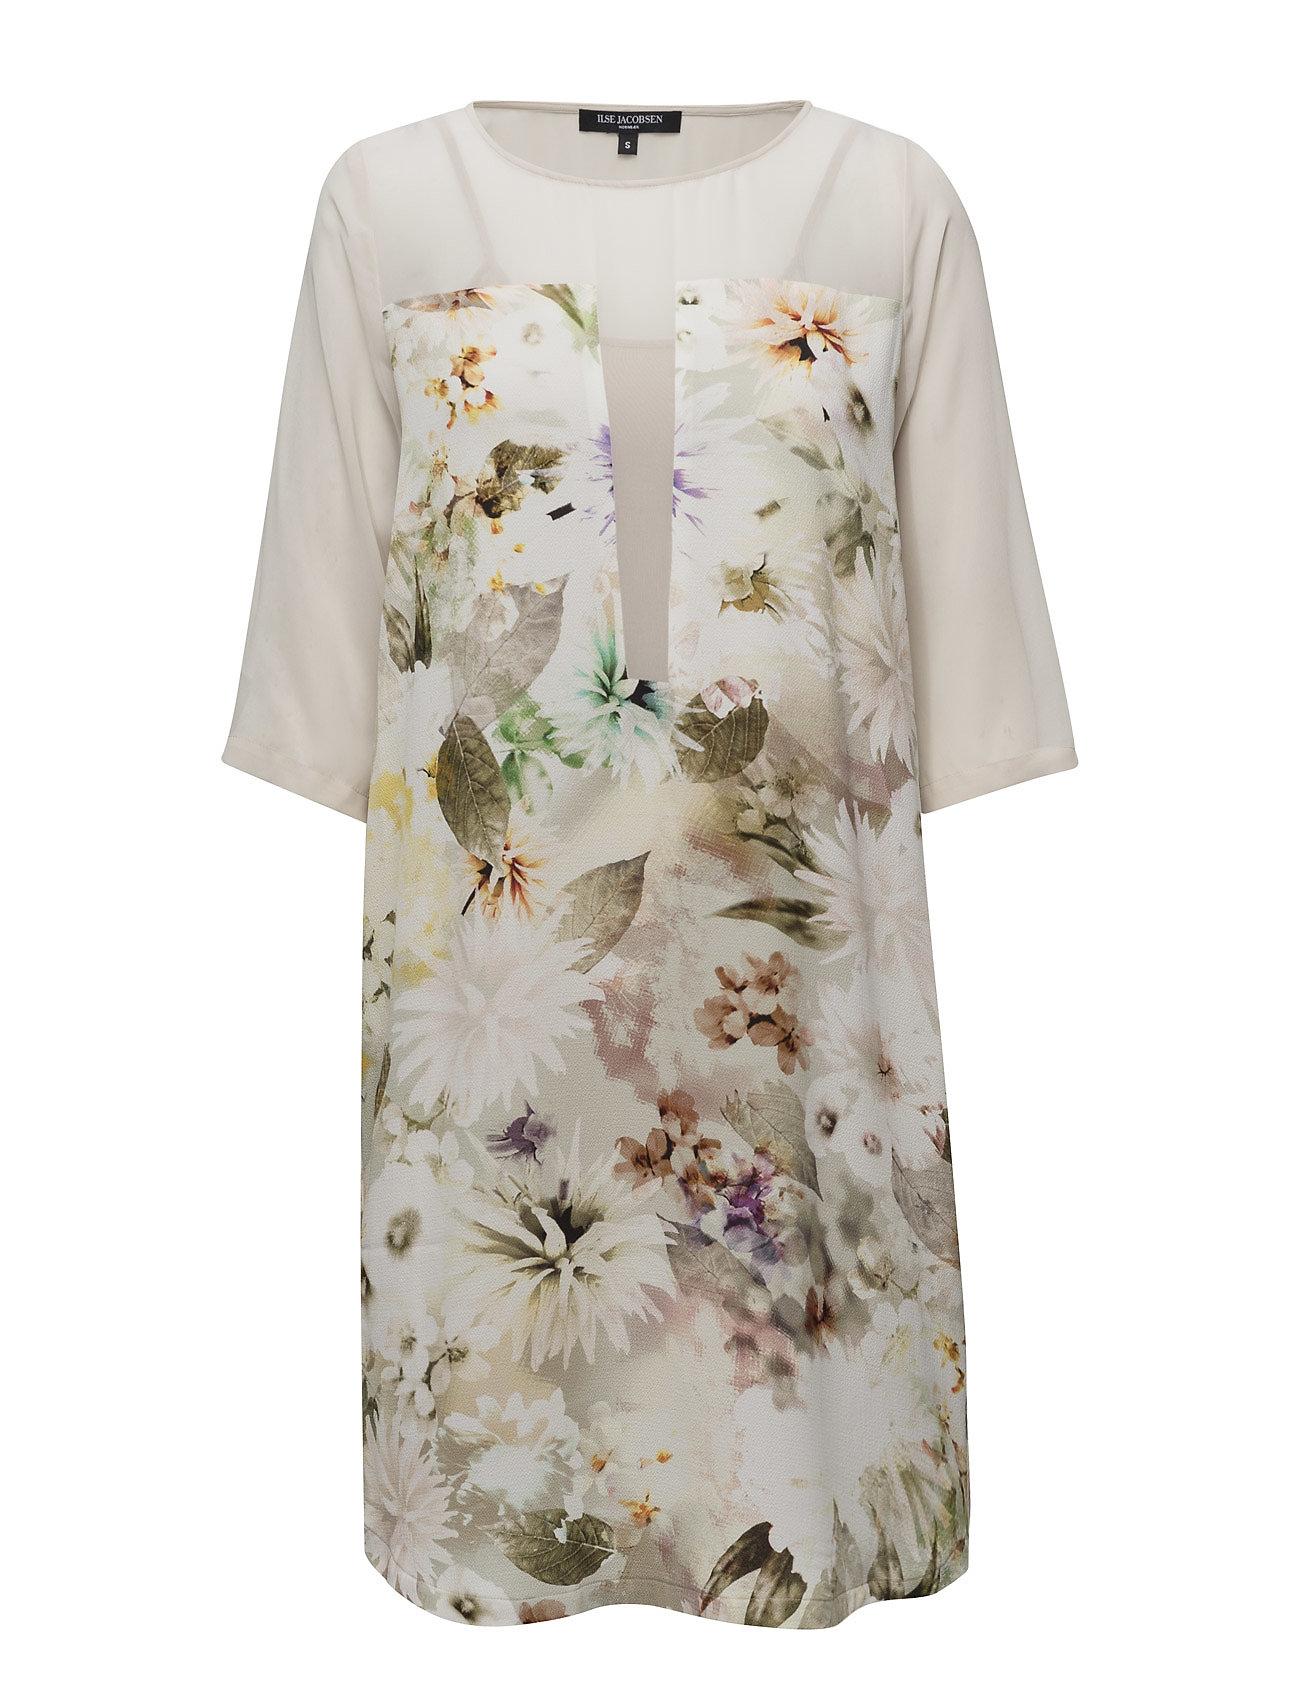 ilse jacobsen Dress w print på boozt.com dk